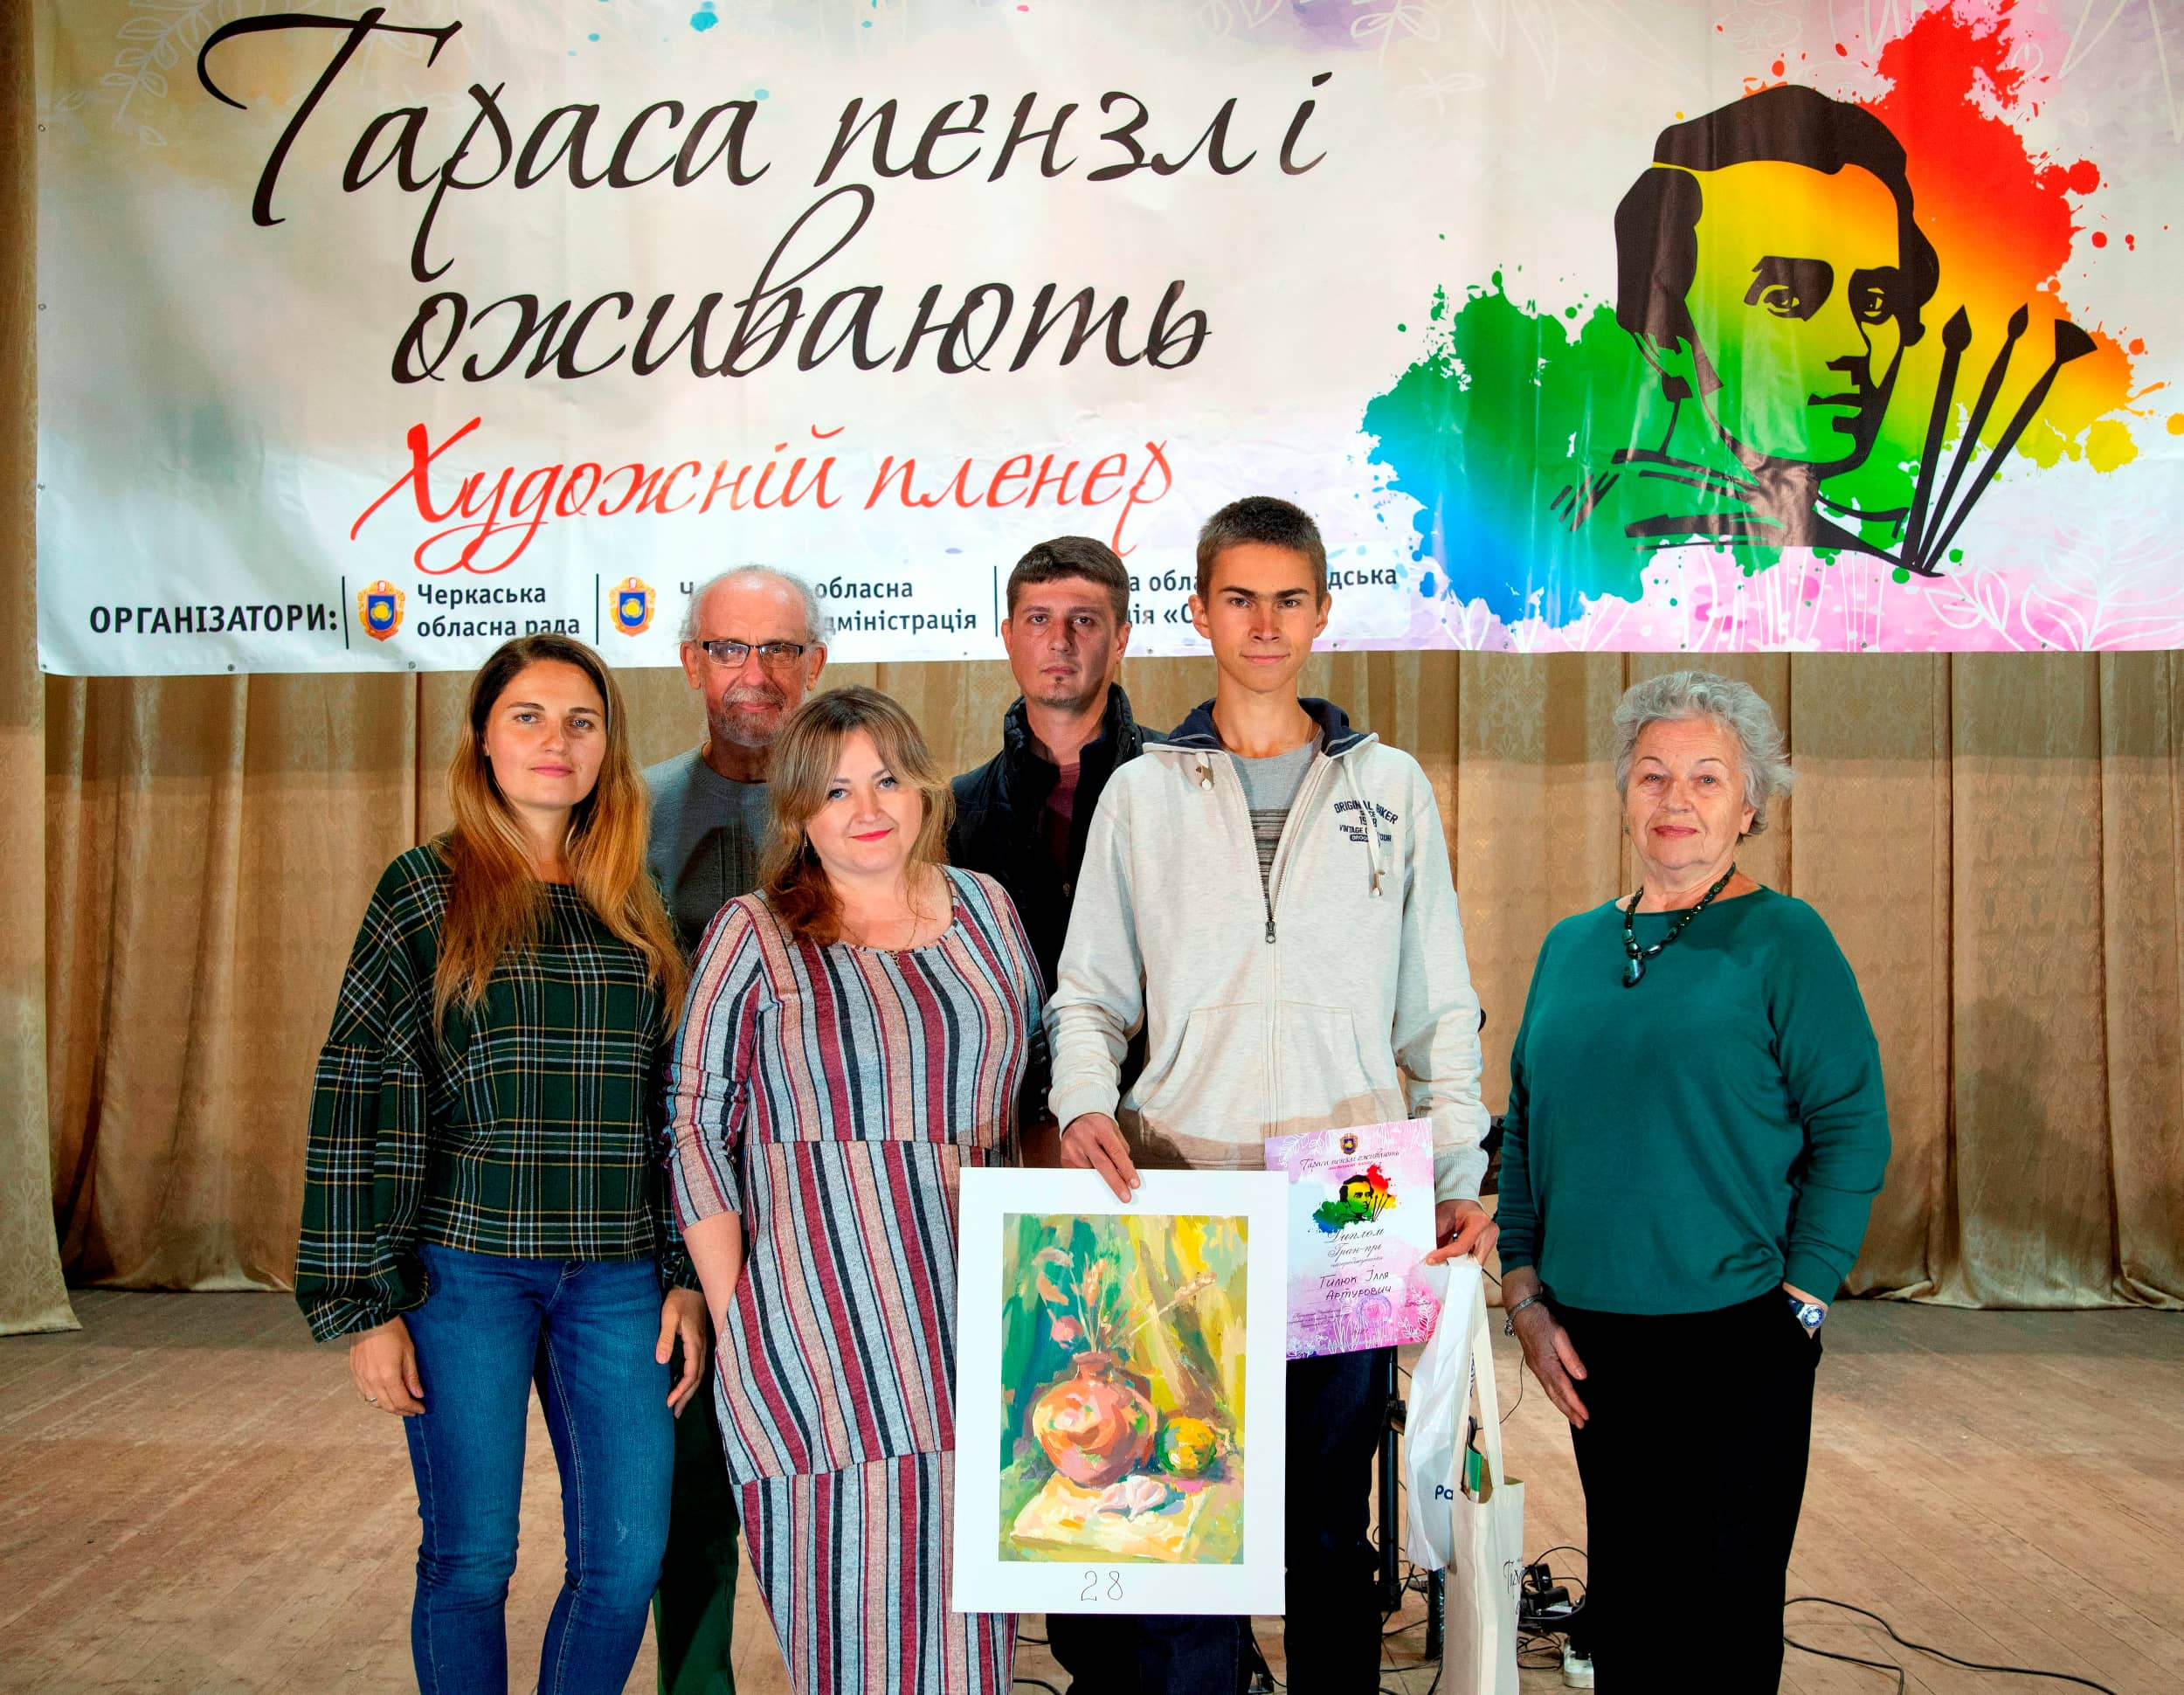 Всеукраїнський мистецький конкурс пленер «Тараса пензлі оживають»